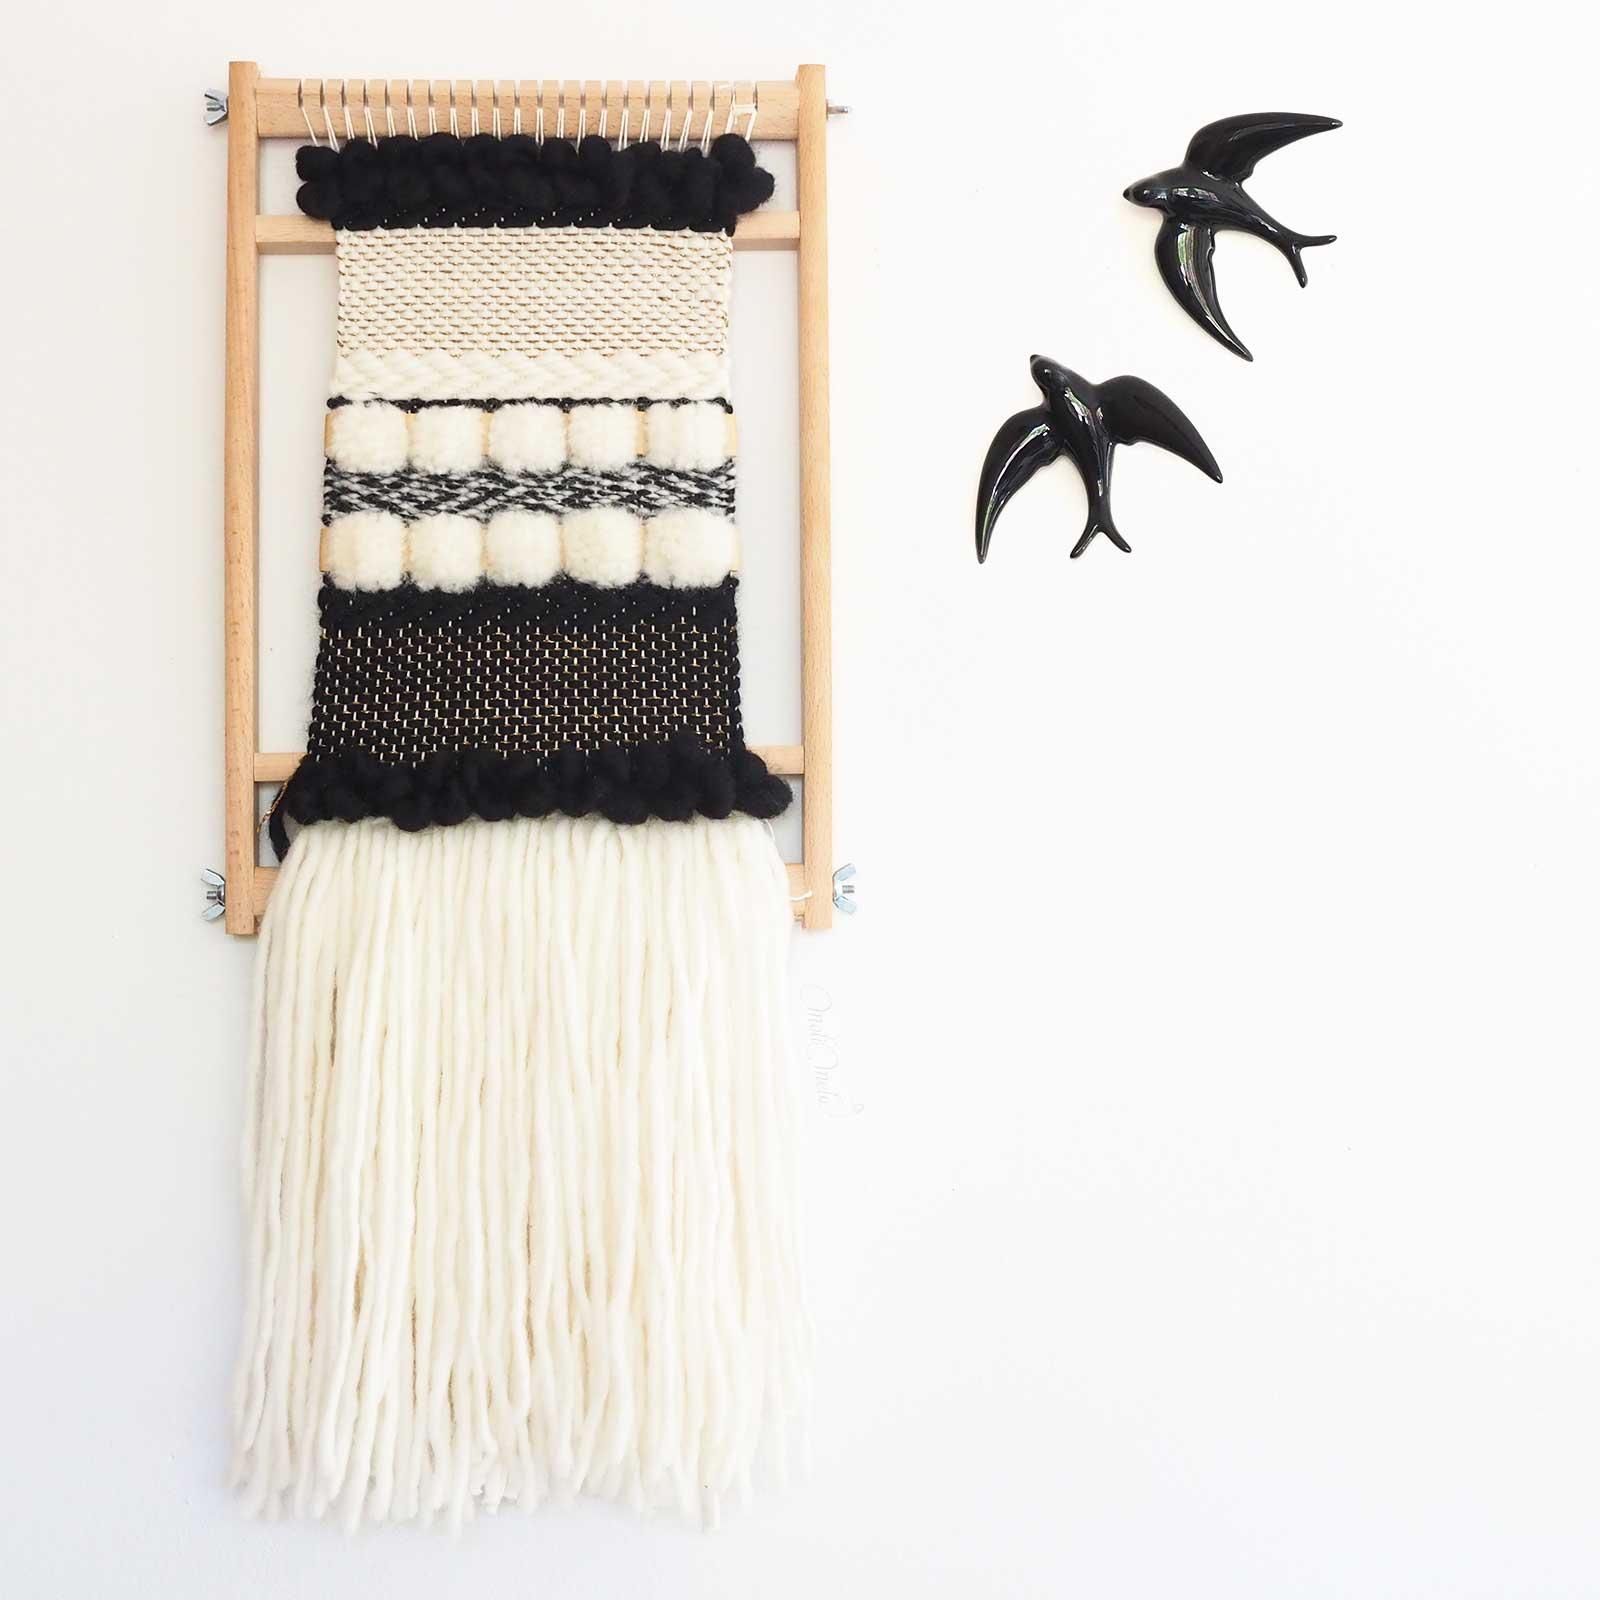 tissage en laine Reflets d'or modèle DIY on the loom laboutiquedemelimelo